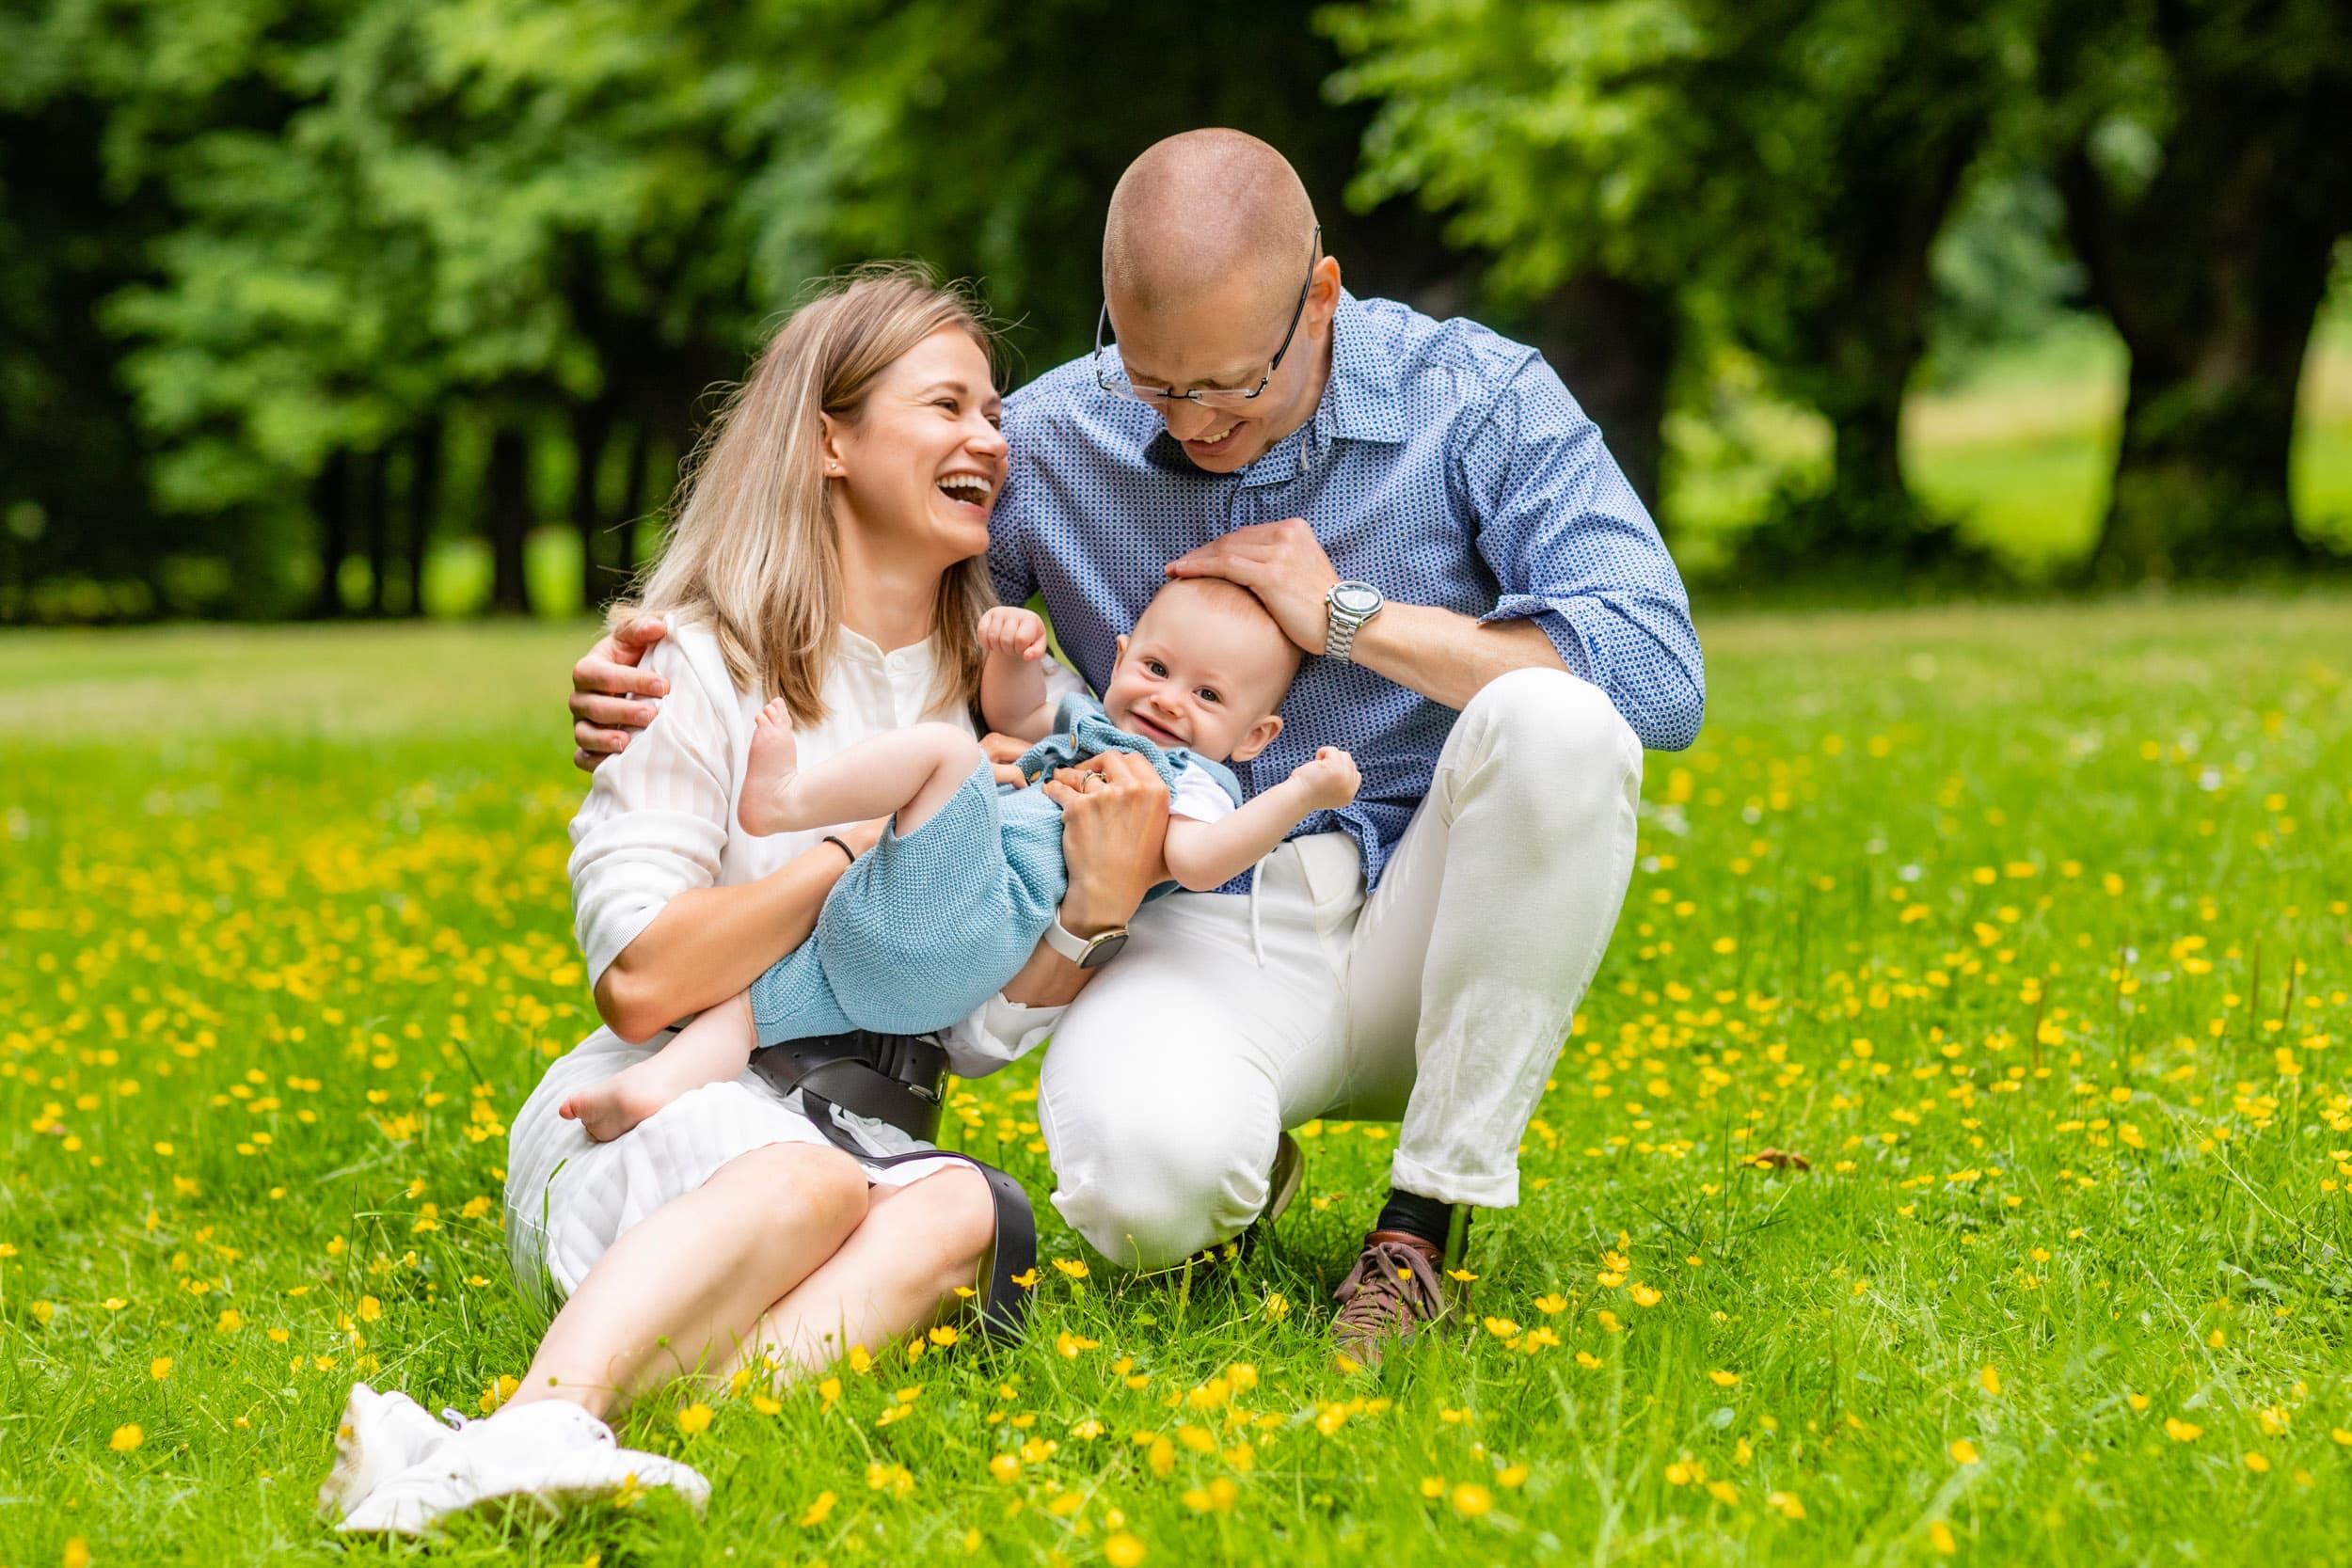 Familie fotograf ved Sophienholm - del 1